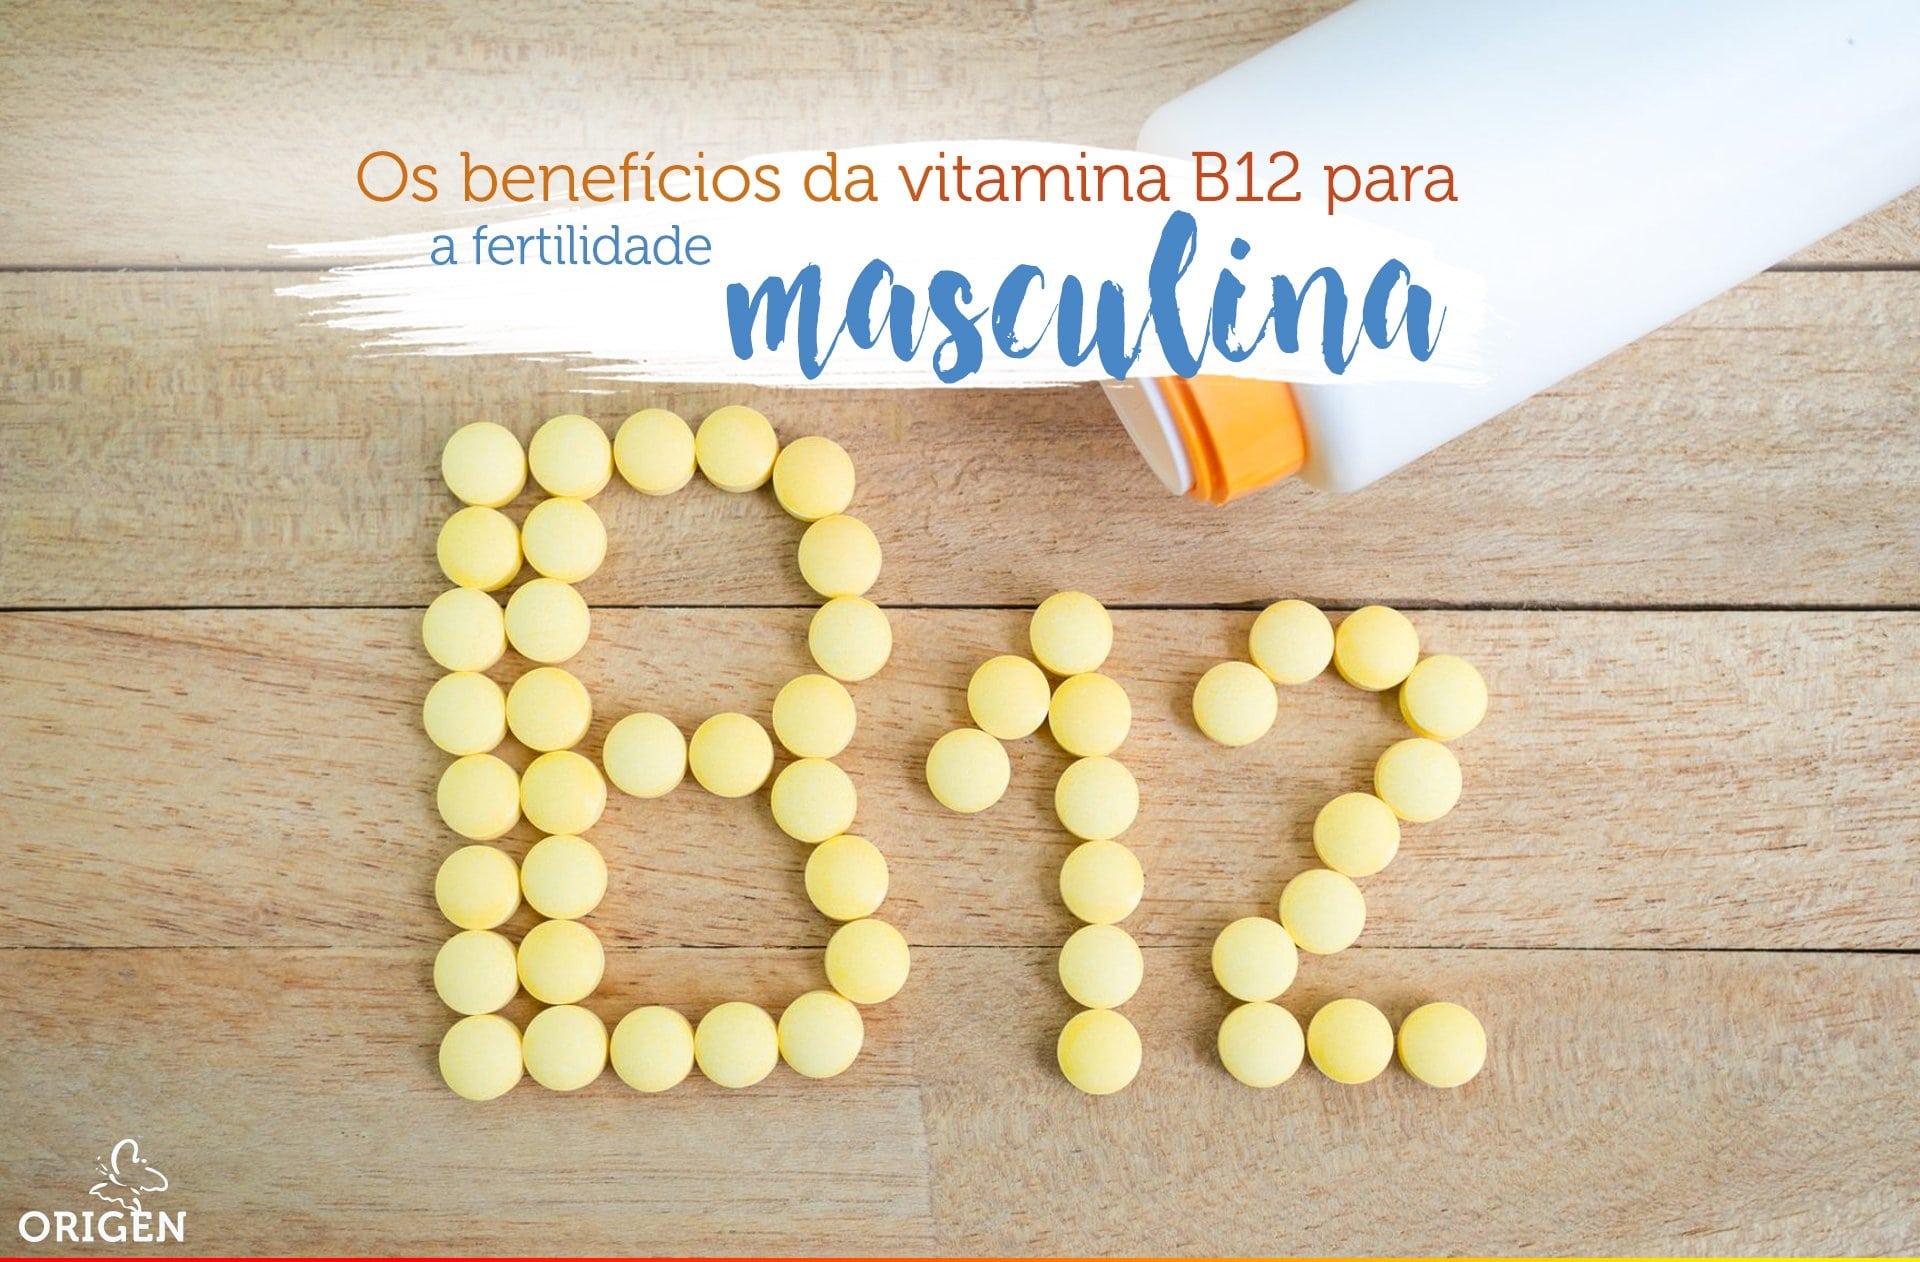 Vitamina B12: os benefícios para a saúde e fertilidade masculina